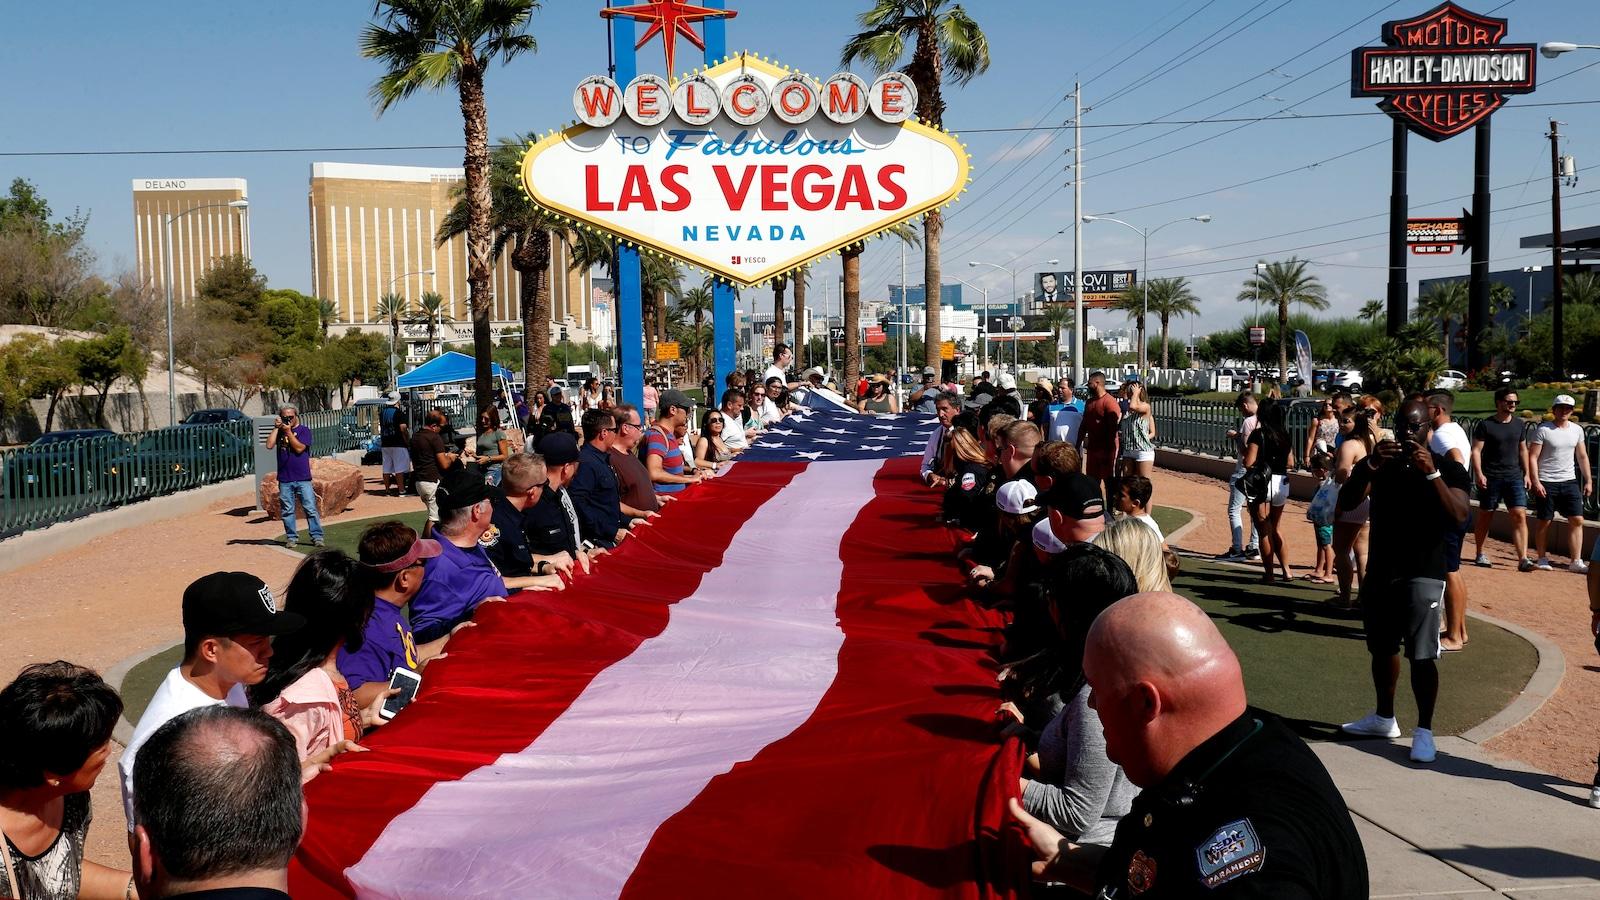 Déploiement d'un drapeau américain en hommage aux 58 morts et près de 500 blessés de la fusillade du 1er octobre 2017.